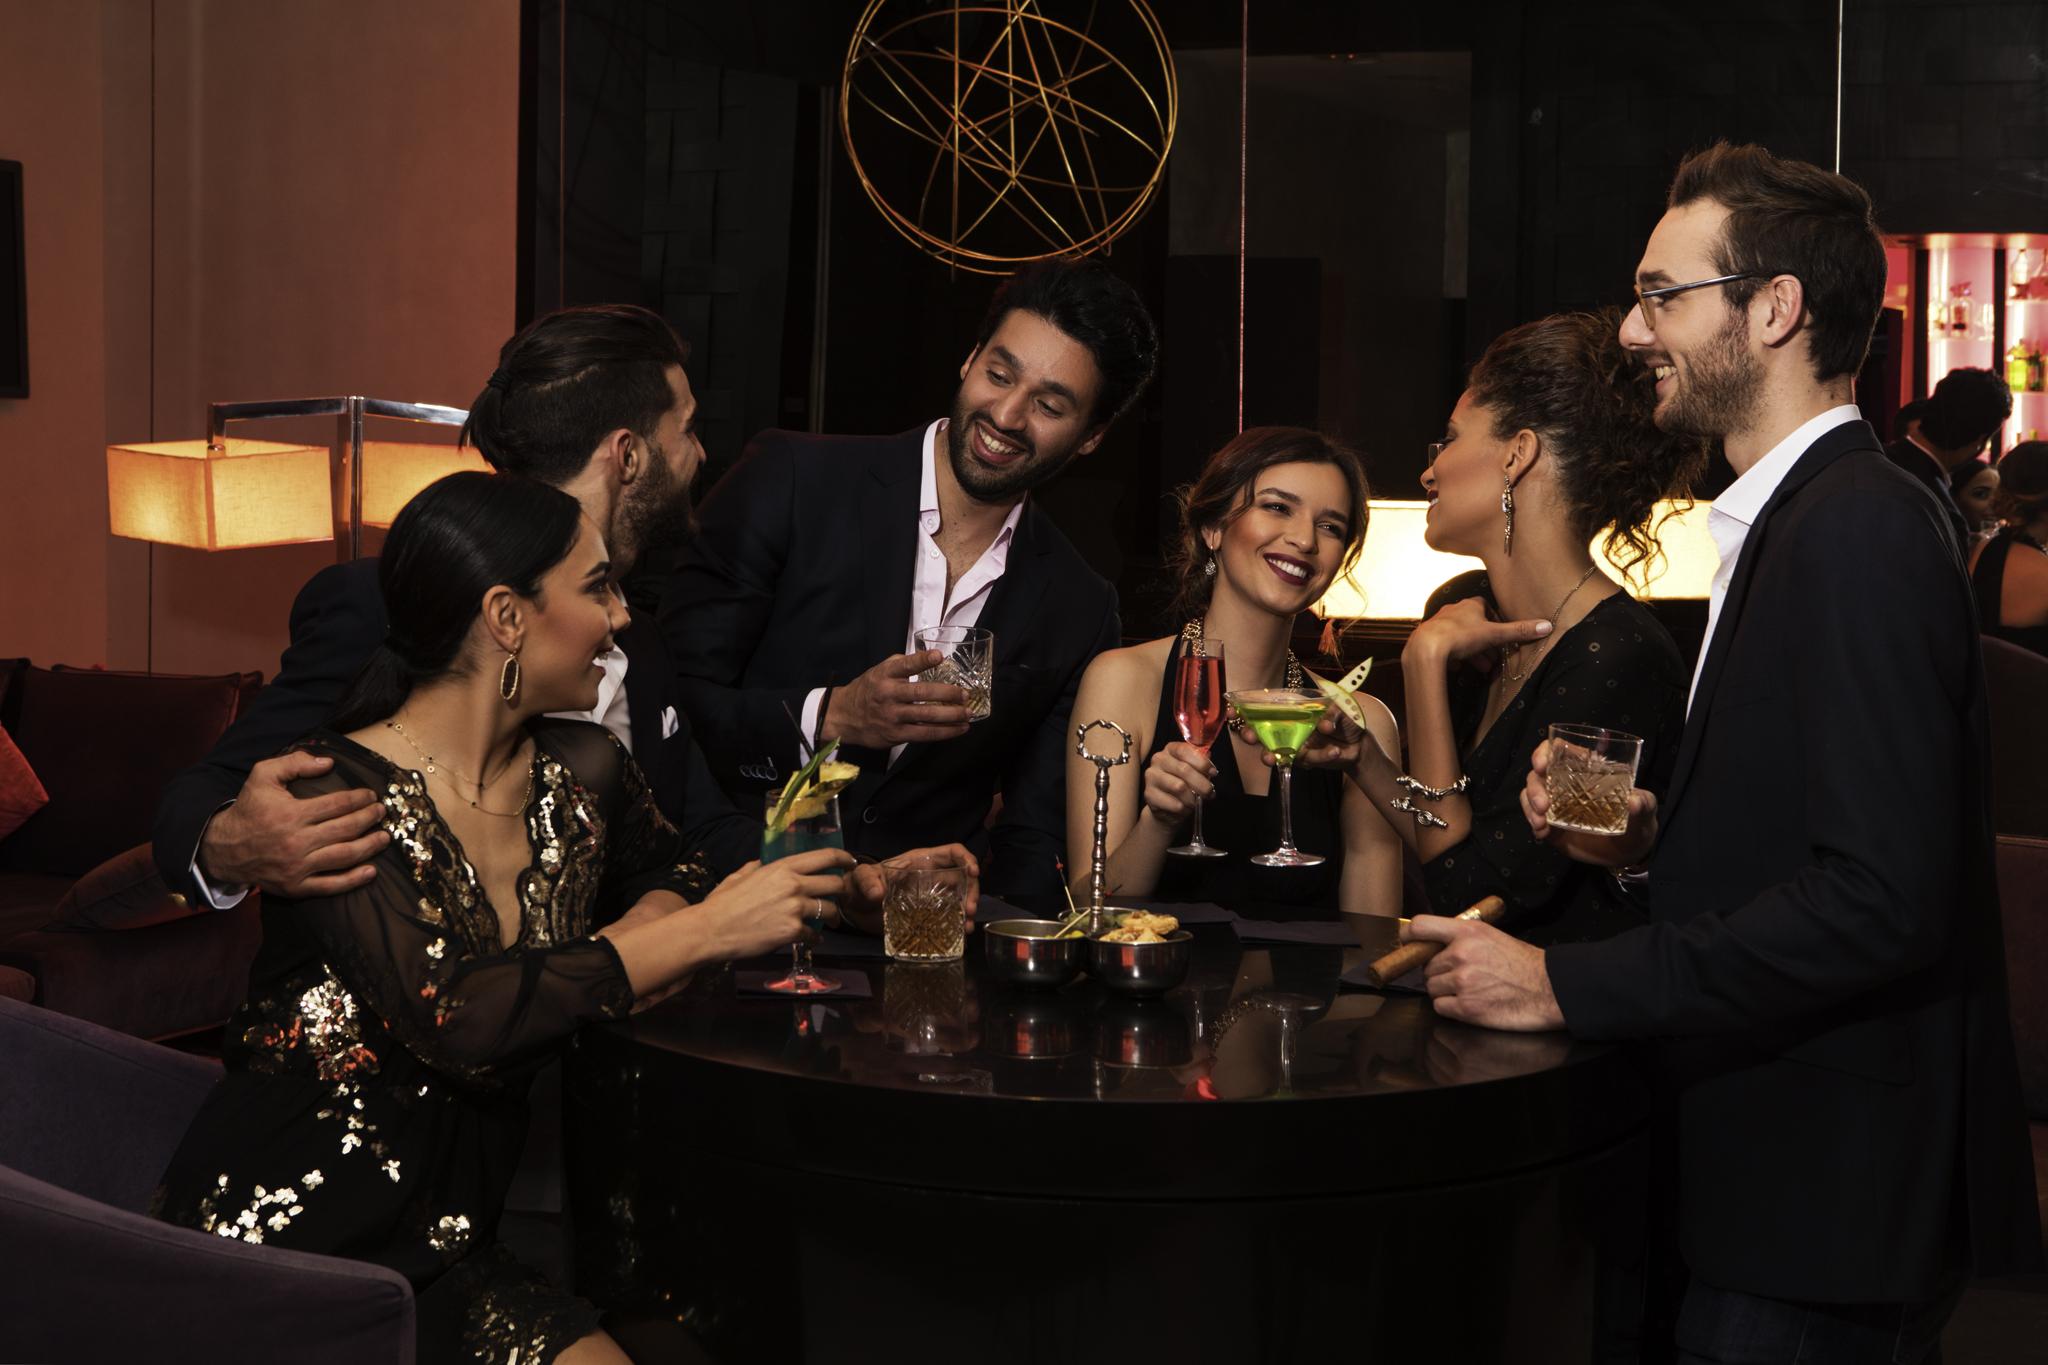 Fin d'année en French Way au Sofitel Casablanca